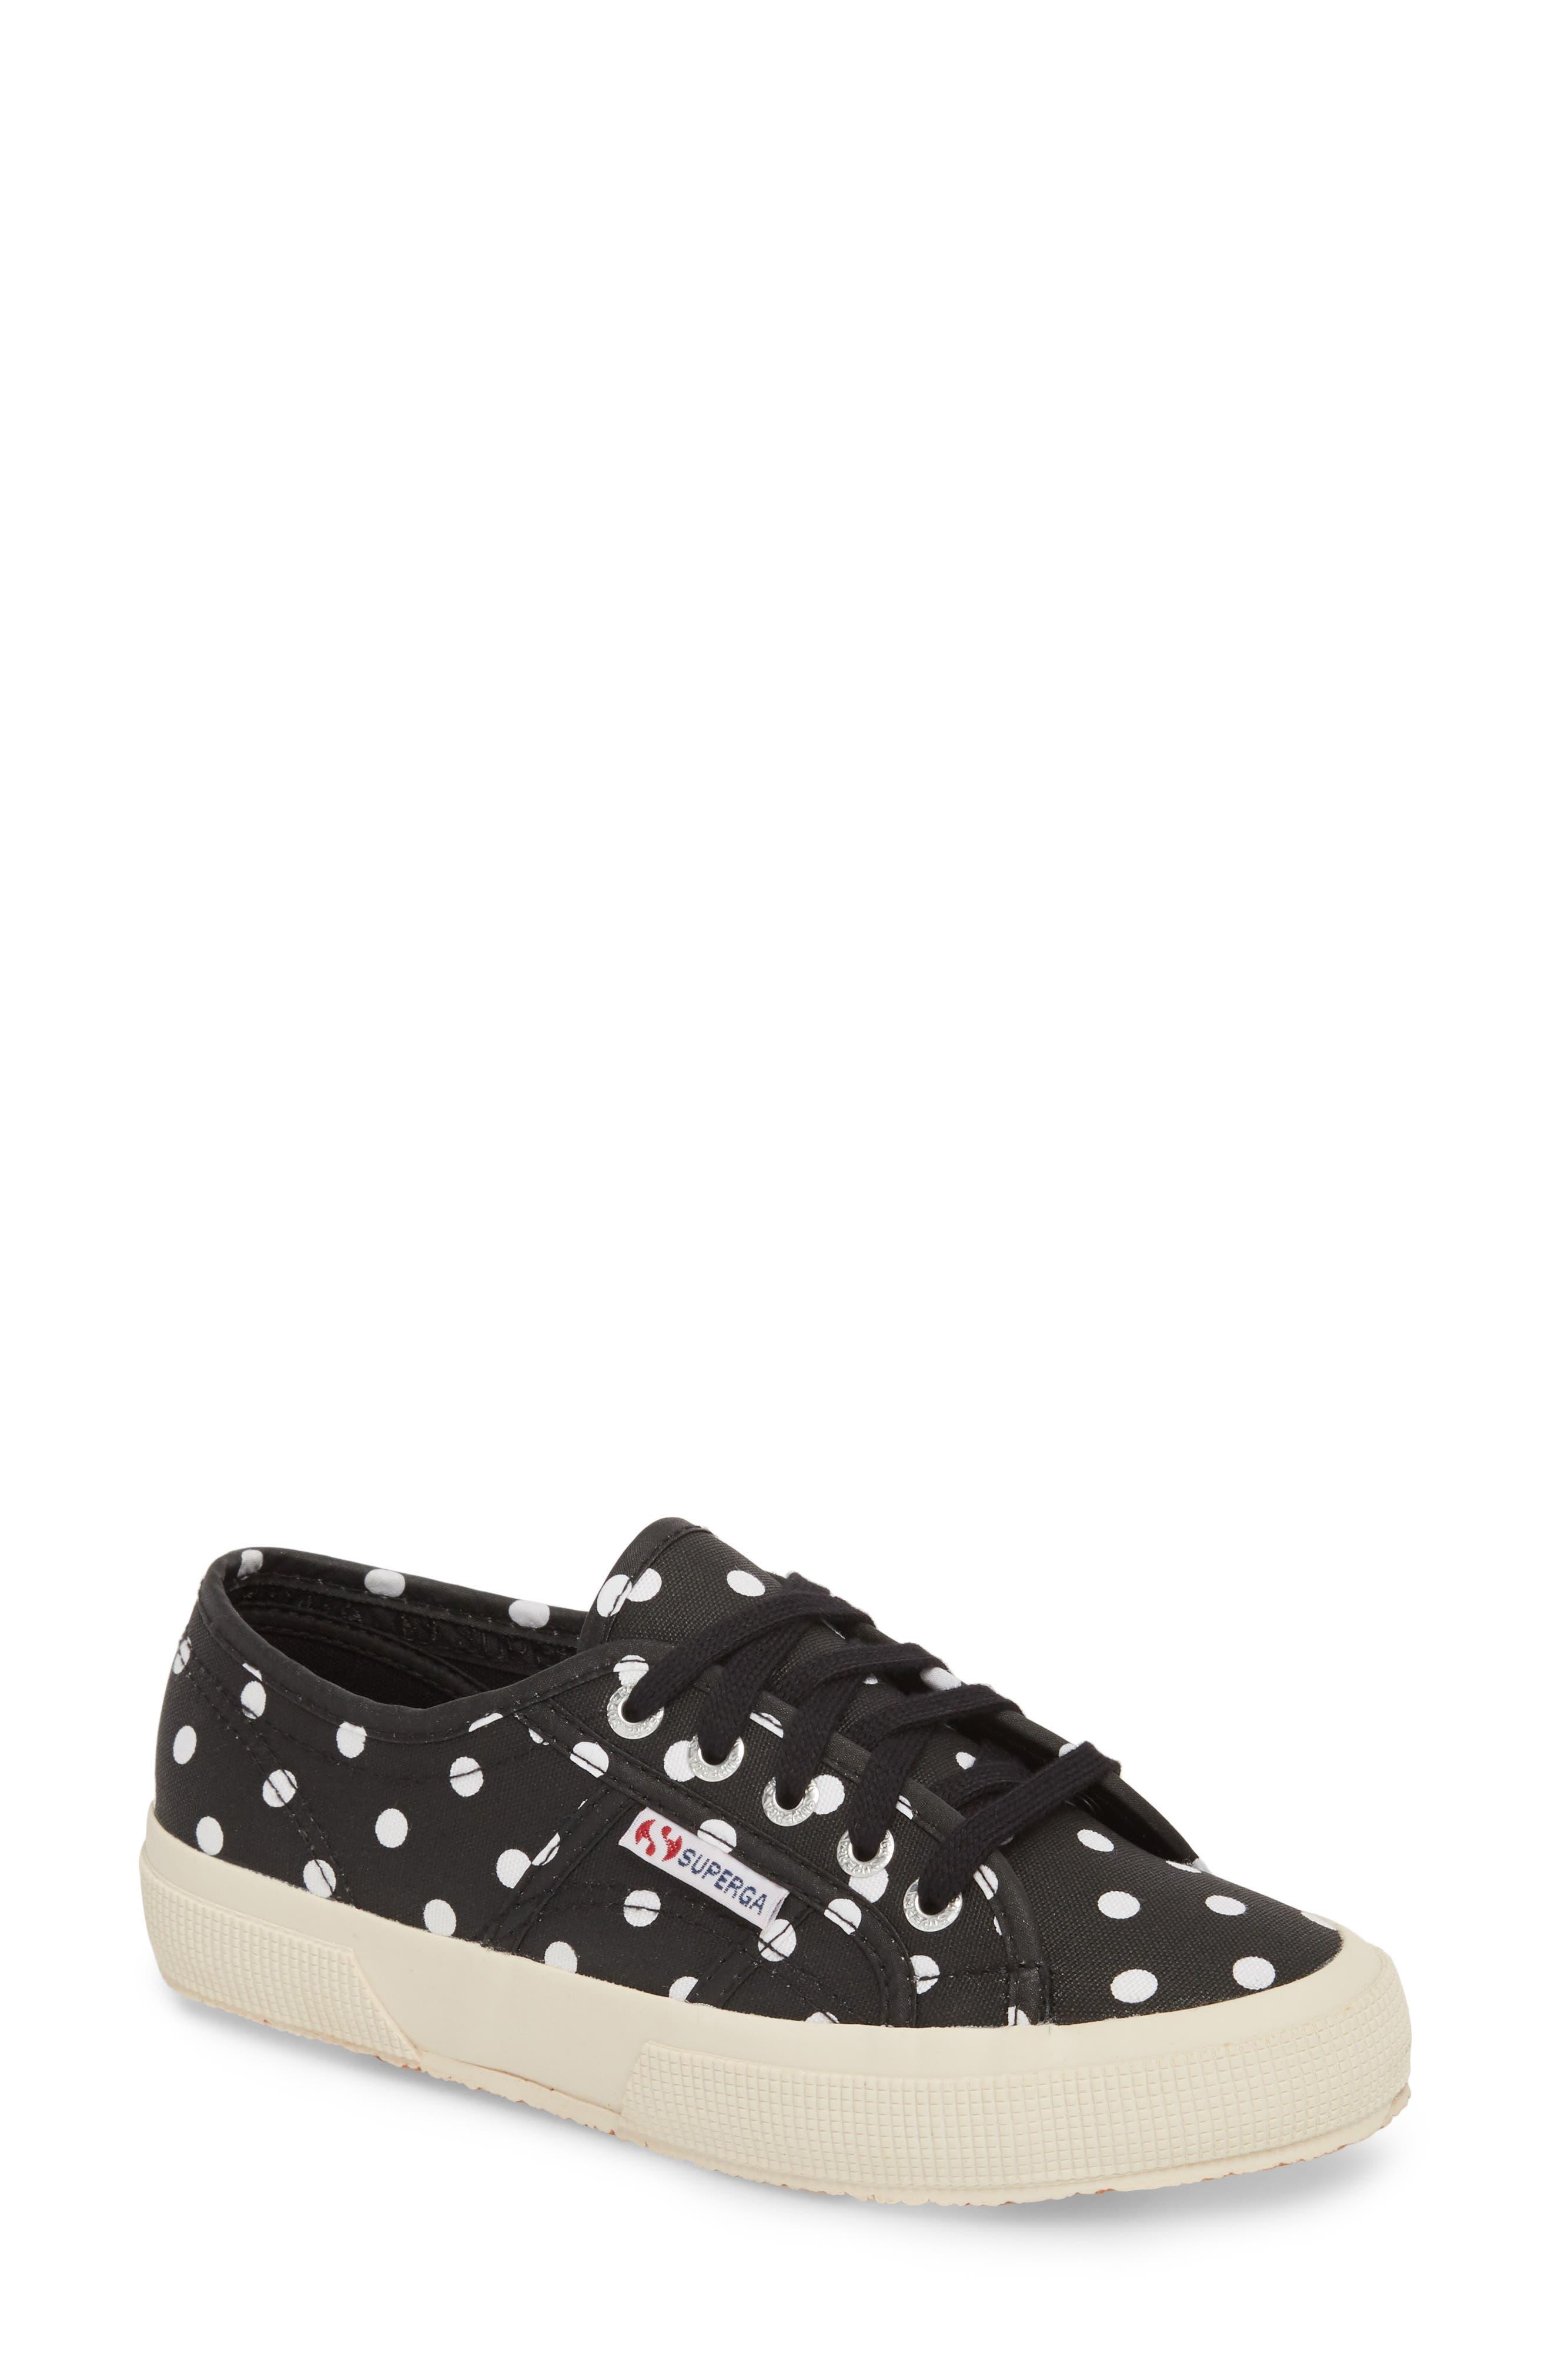 Fantasy Cotu Sneaker,                             Main thumbnail 1, color,                             Black Multi